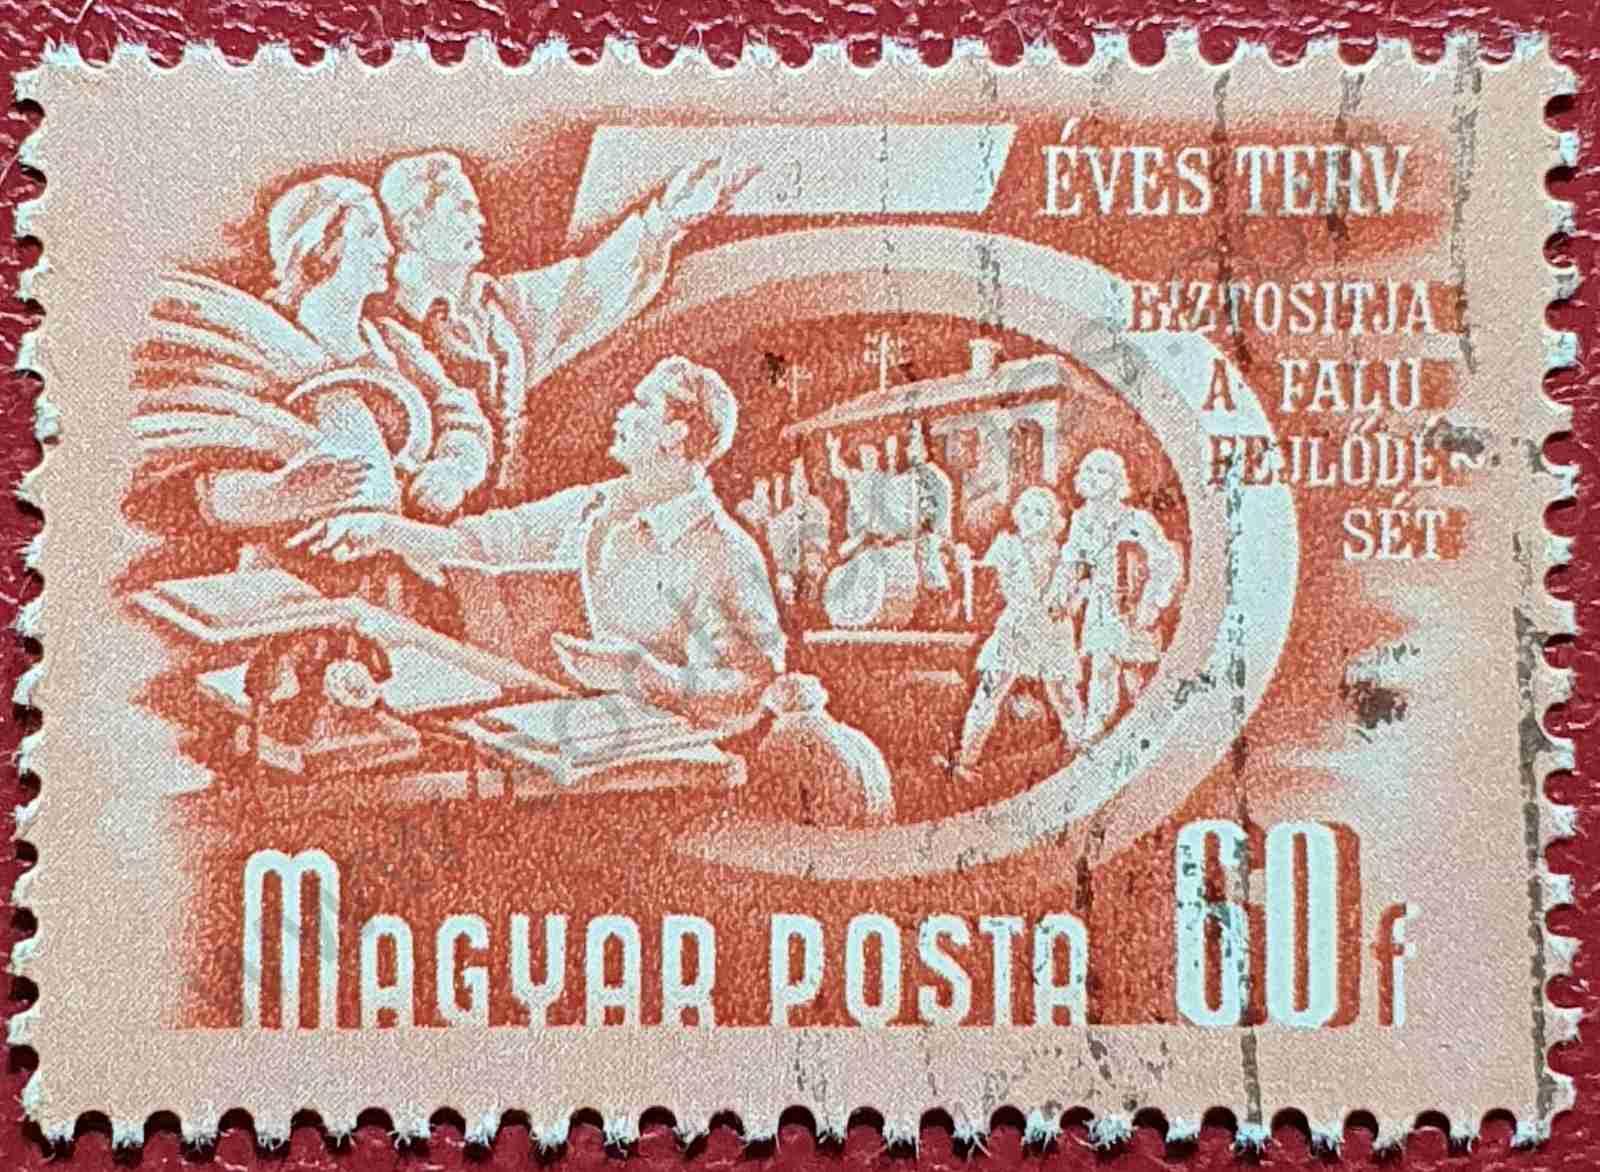 Cooperativa agricola - sello Hungría 1951